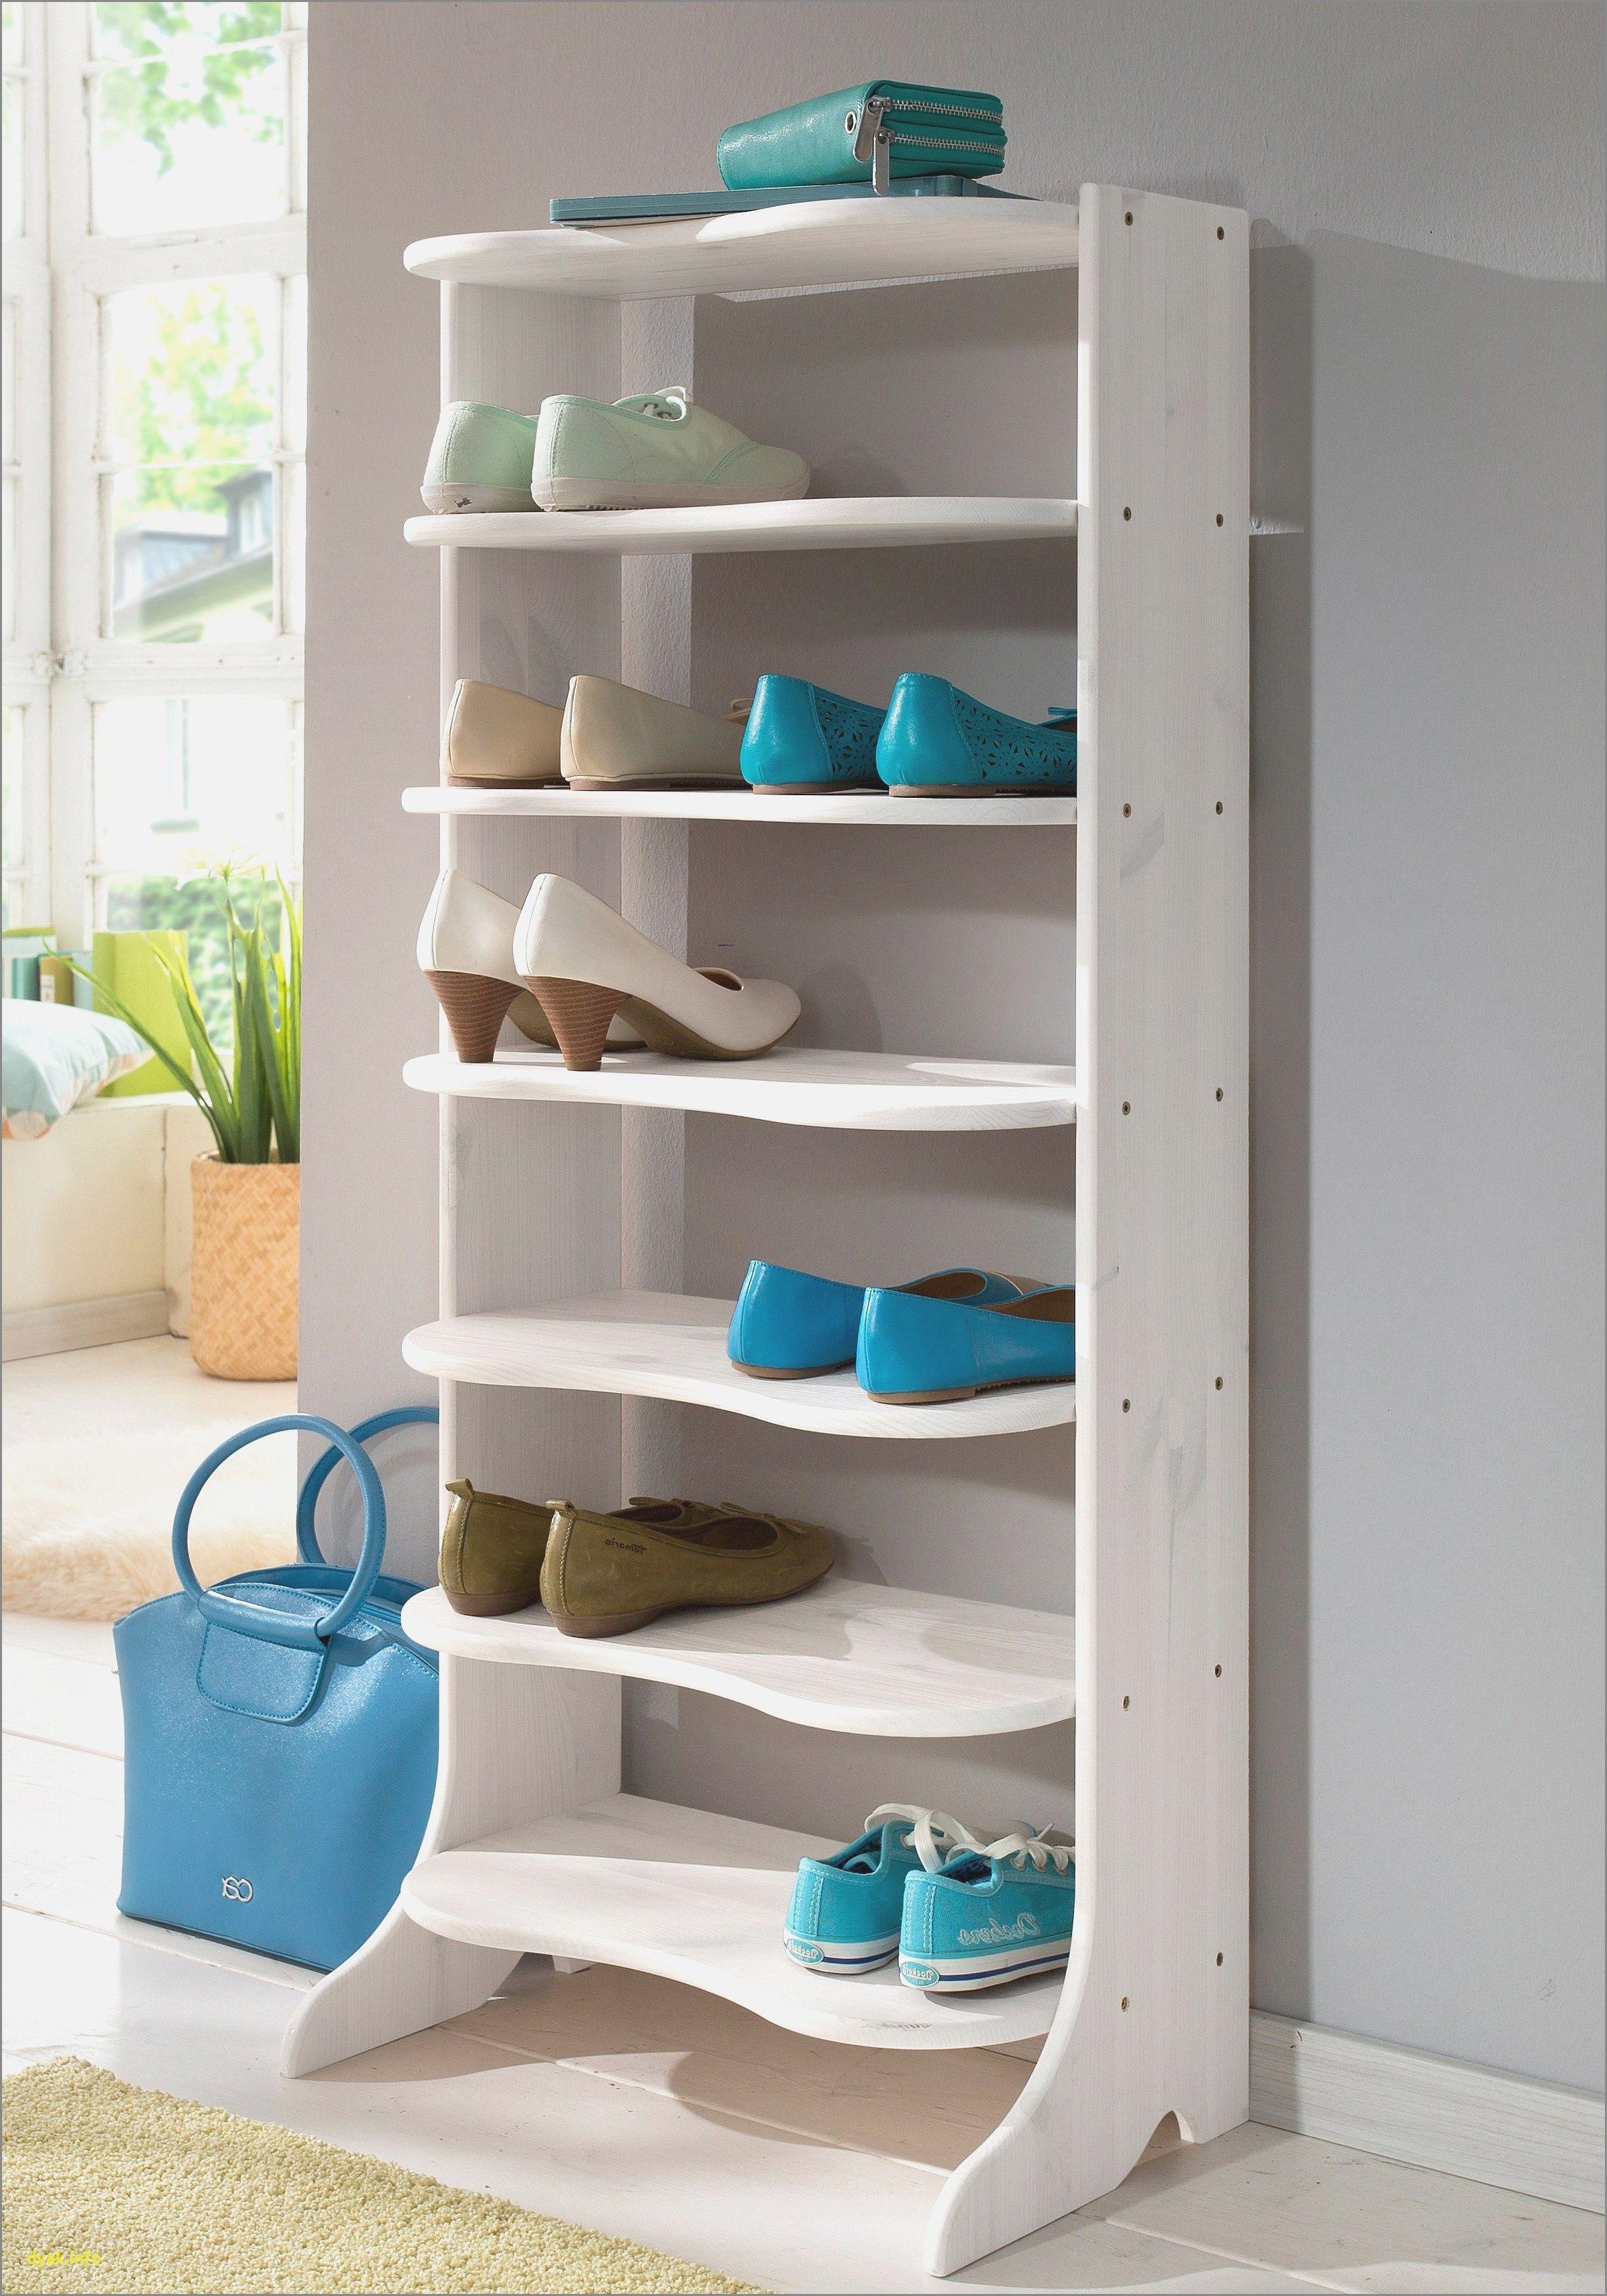 Die Luxus Schuhschrank Otto Idee Dyak Ideen Fur Ihr Zuhause